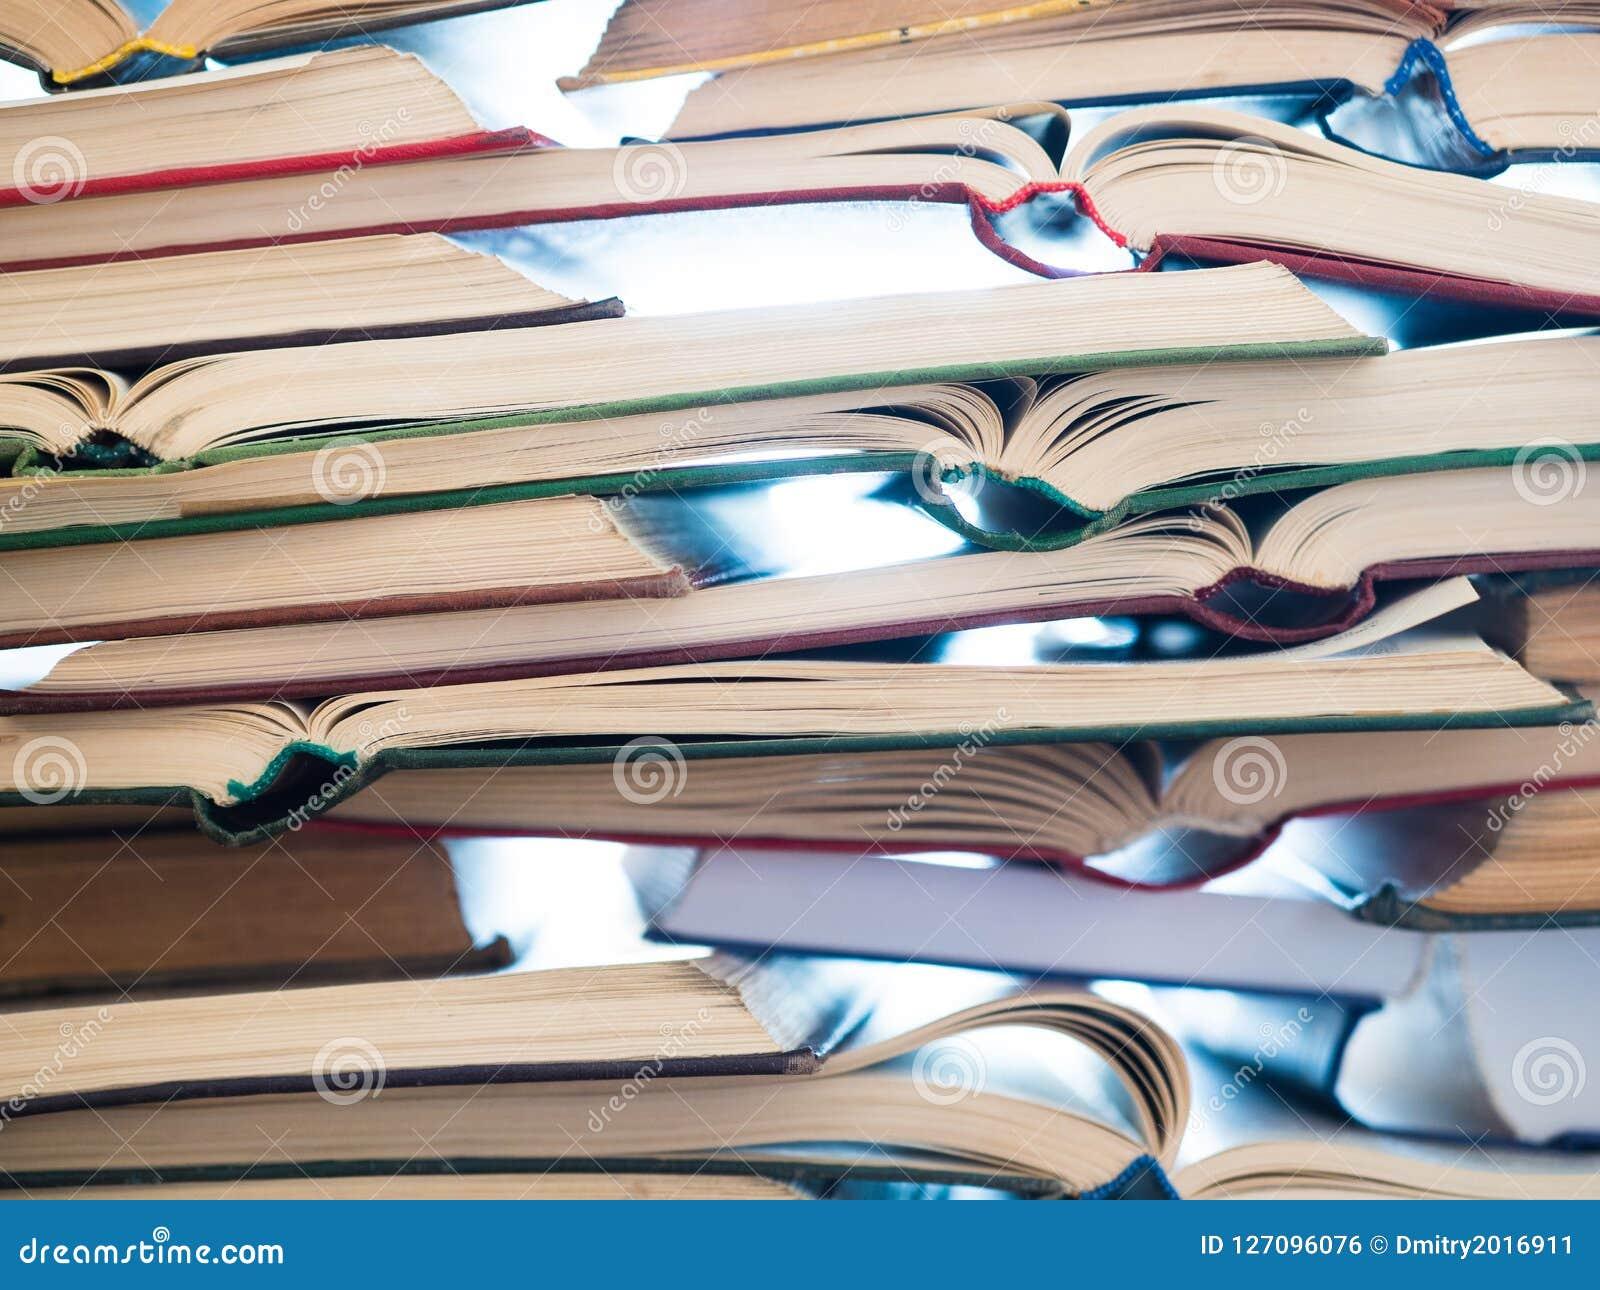 Stapel geöffnete Bücher Bibliothek, Literatur, Bildung, Informationen, lernend und lesen Konzept Lizenzfreies Stockbild